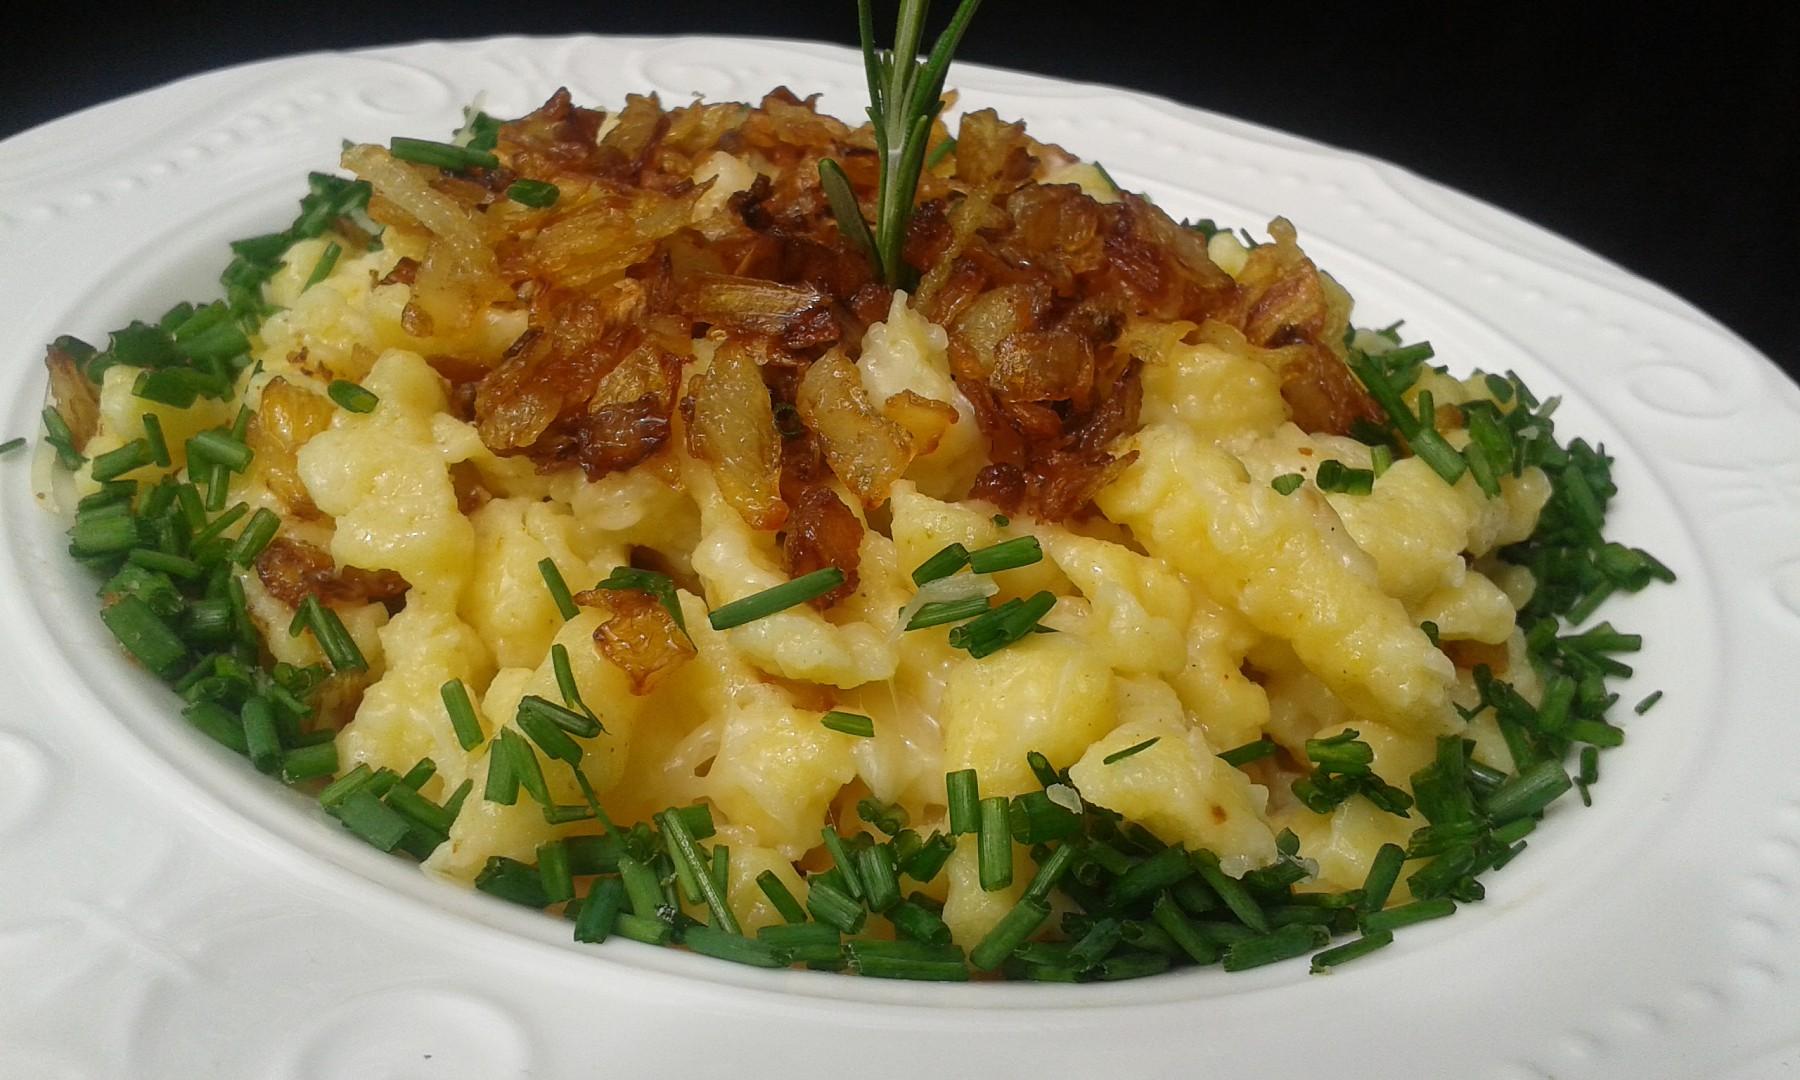 Halušky (moučné) se sýrem a smaženou cibulkou